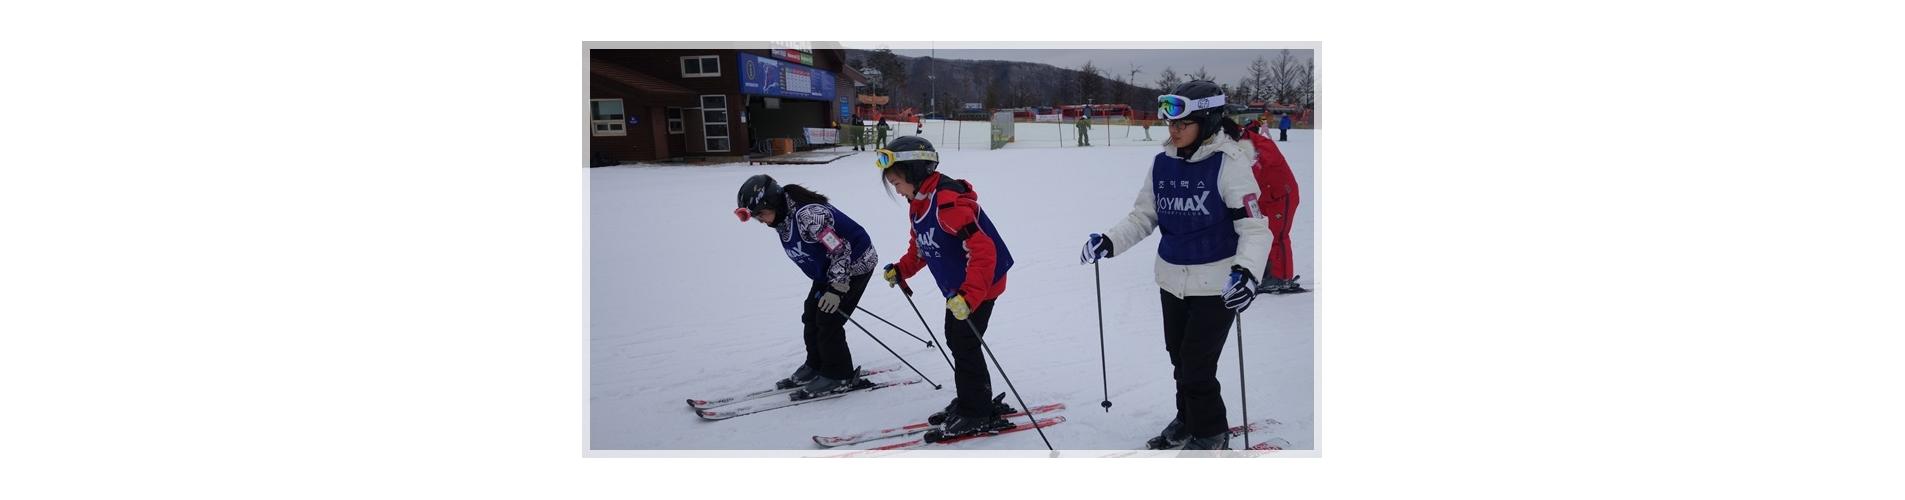 2014-02 스키캠프 -2